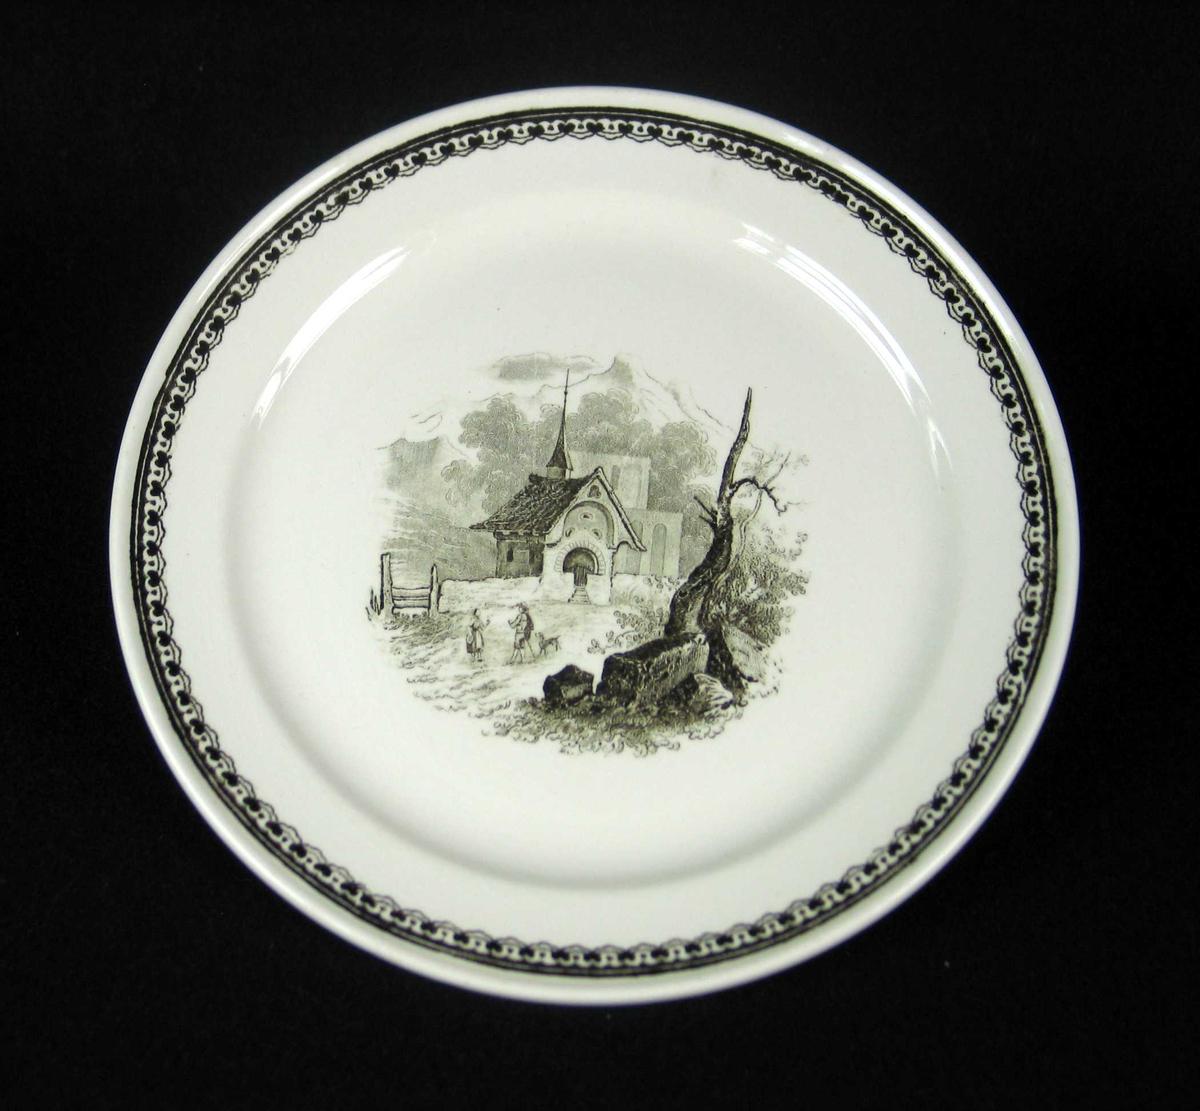 Servise i offwhite keramikk med sort dekor. Serviset består av 2 suppetallerkener, 6 skåler (tefat), 10 desserttallerkener og 6 asjetter.